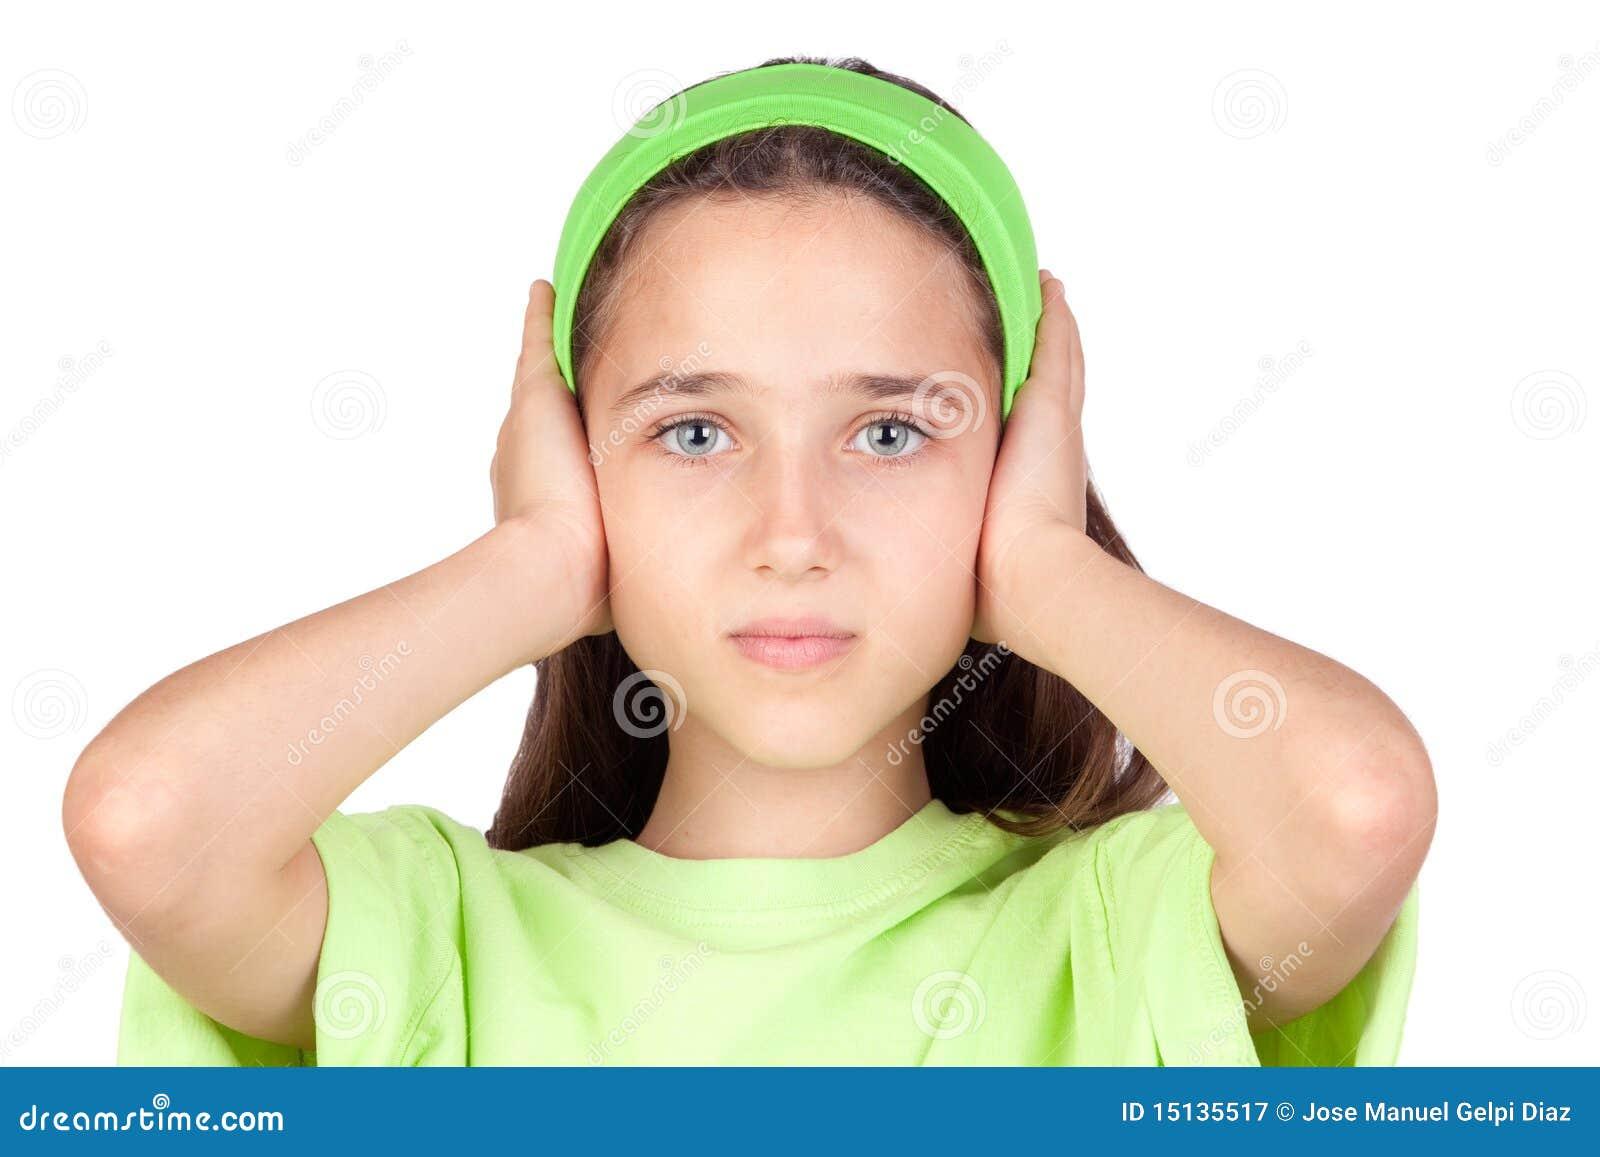 Как сделать так чтоб не оттопыривались уши